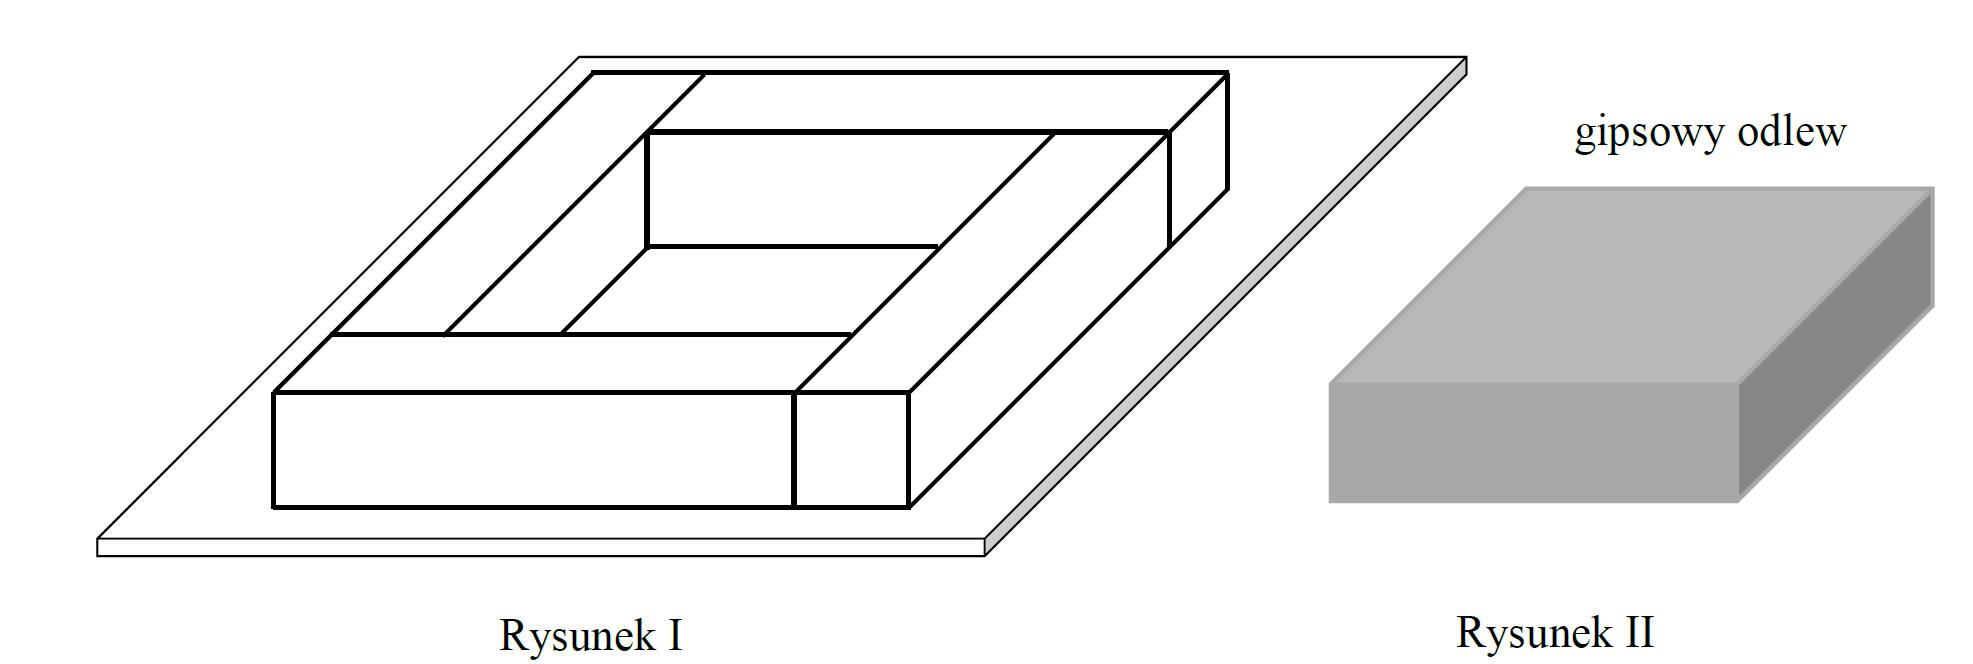 Cztery jednakowe drewniane elementy, każdy w kształcie prostopadłościanu…